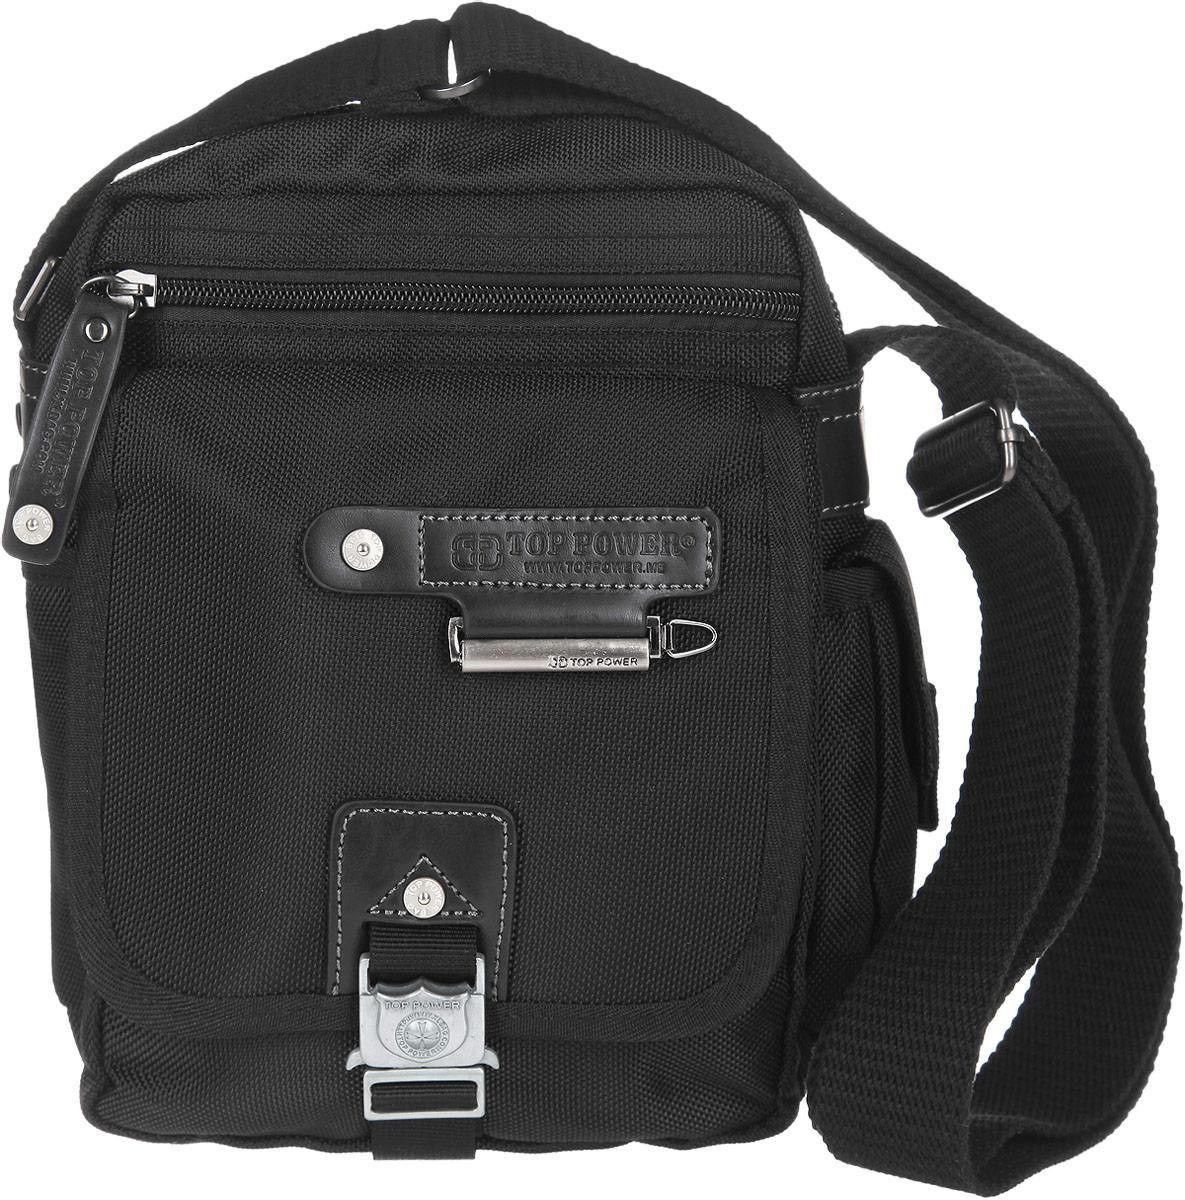 Сумка-планшет мужская Top Power, цвет: черный. 1385 TP1385 TP blackСтильная мужская сумка-планшет Top Power выполнена из нейлона, полиэстера и искусственной кожи. Изделие имеет одно основное отделение, которое закрывается на застежку-молнию. Внутри находятся прорезной карман на застежке-молнии, два накладных открытых кармана и накладной карман, закрывающийся на клапан с застежкой-липучкой. Снаружи, на передней стенке располагается прорезной карман на застежке-молнии, под клапаном с застежкой-защелкой - два накладных открытых кармана и два держателя для авторучек. По бокам накладные карманы, один из которых закрывается на застежку-липучку, второй - на клапан с застежкой-липучкой. На задней стенке предусмотрен дополнительный прорезной карман на застежке-молнии. Сумка оснащена текстильным плечевым ремнем регулируемой длины. Удобная и стильная сумка Top Power призвана подчеркнуть ваш неповторимый стиль.